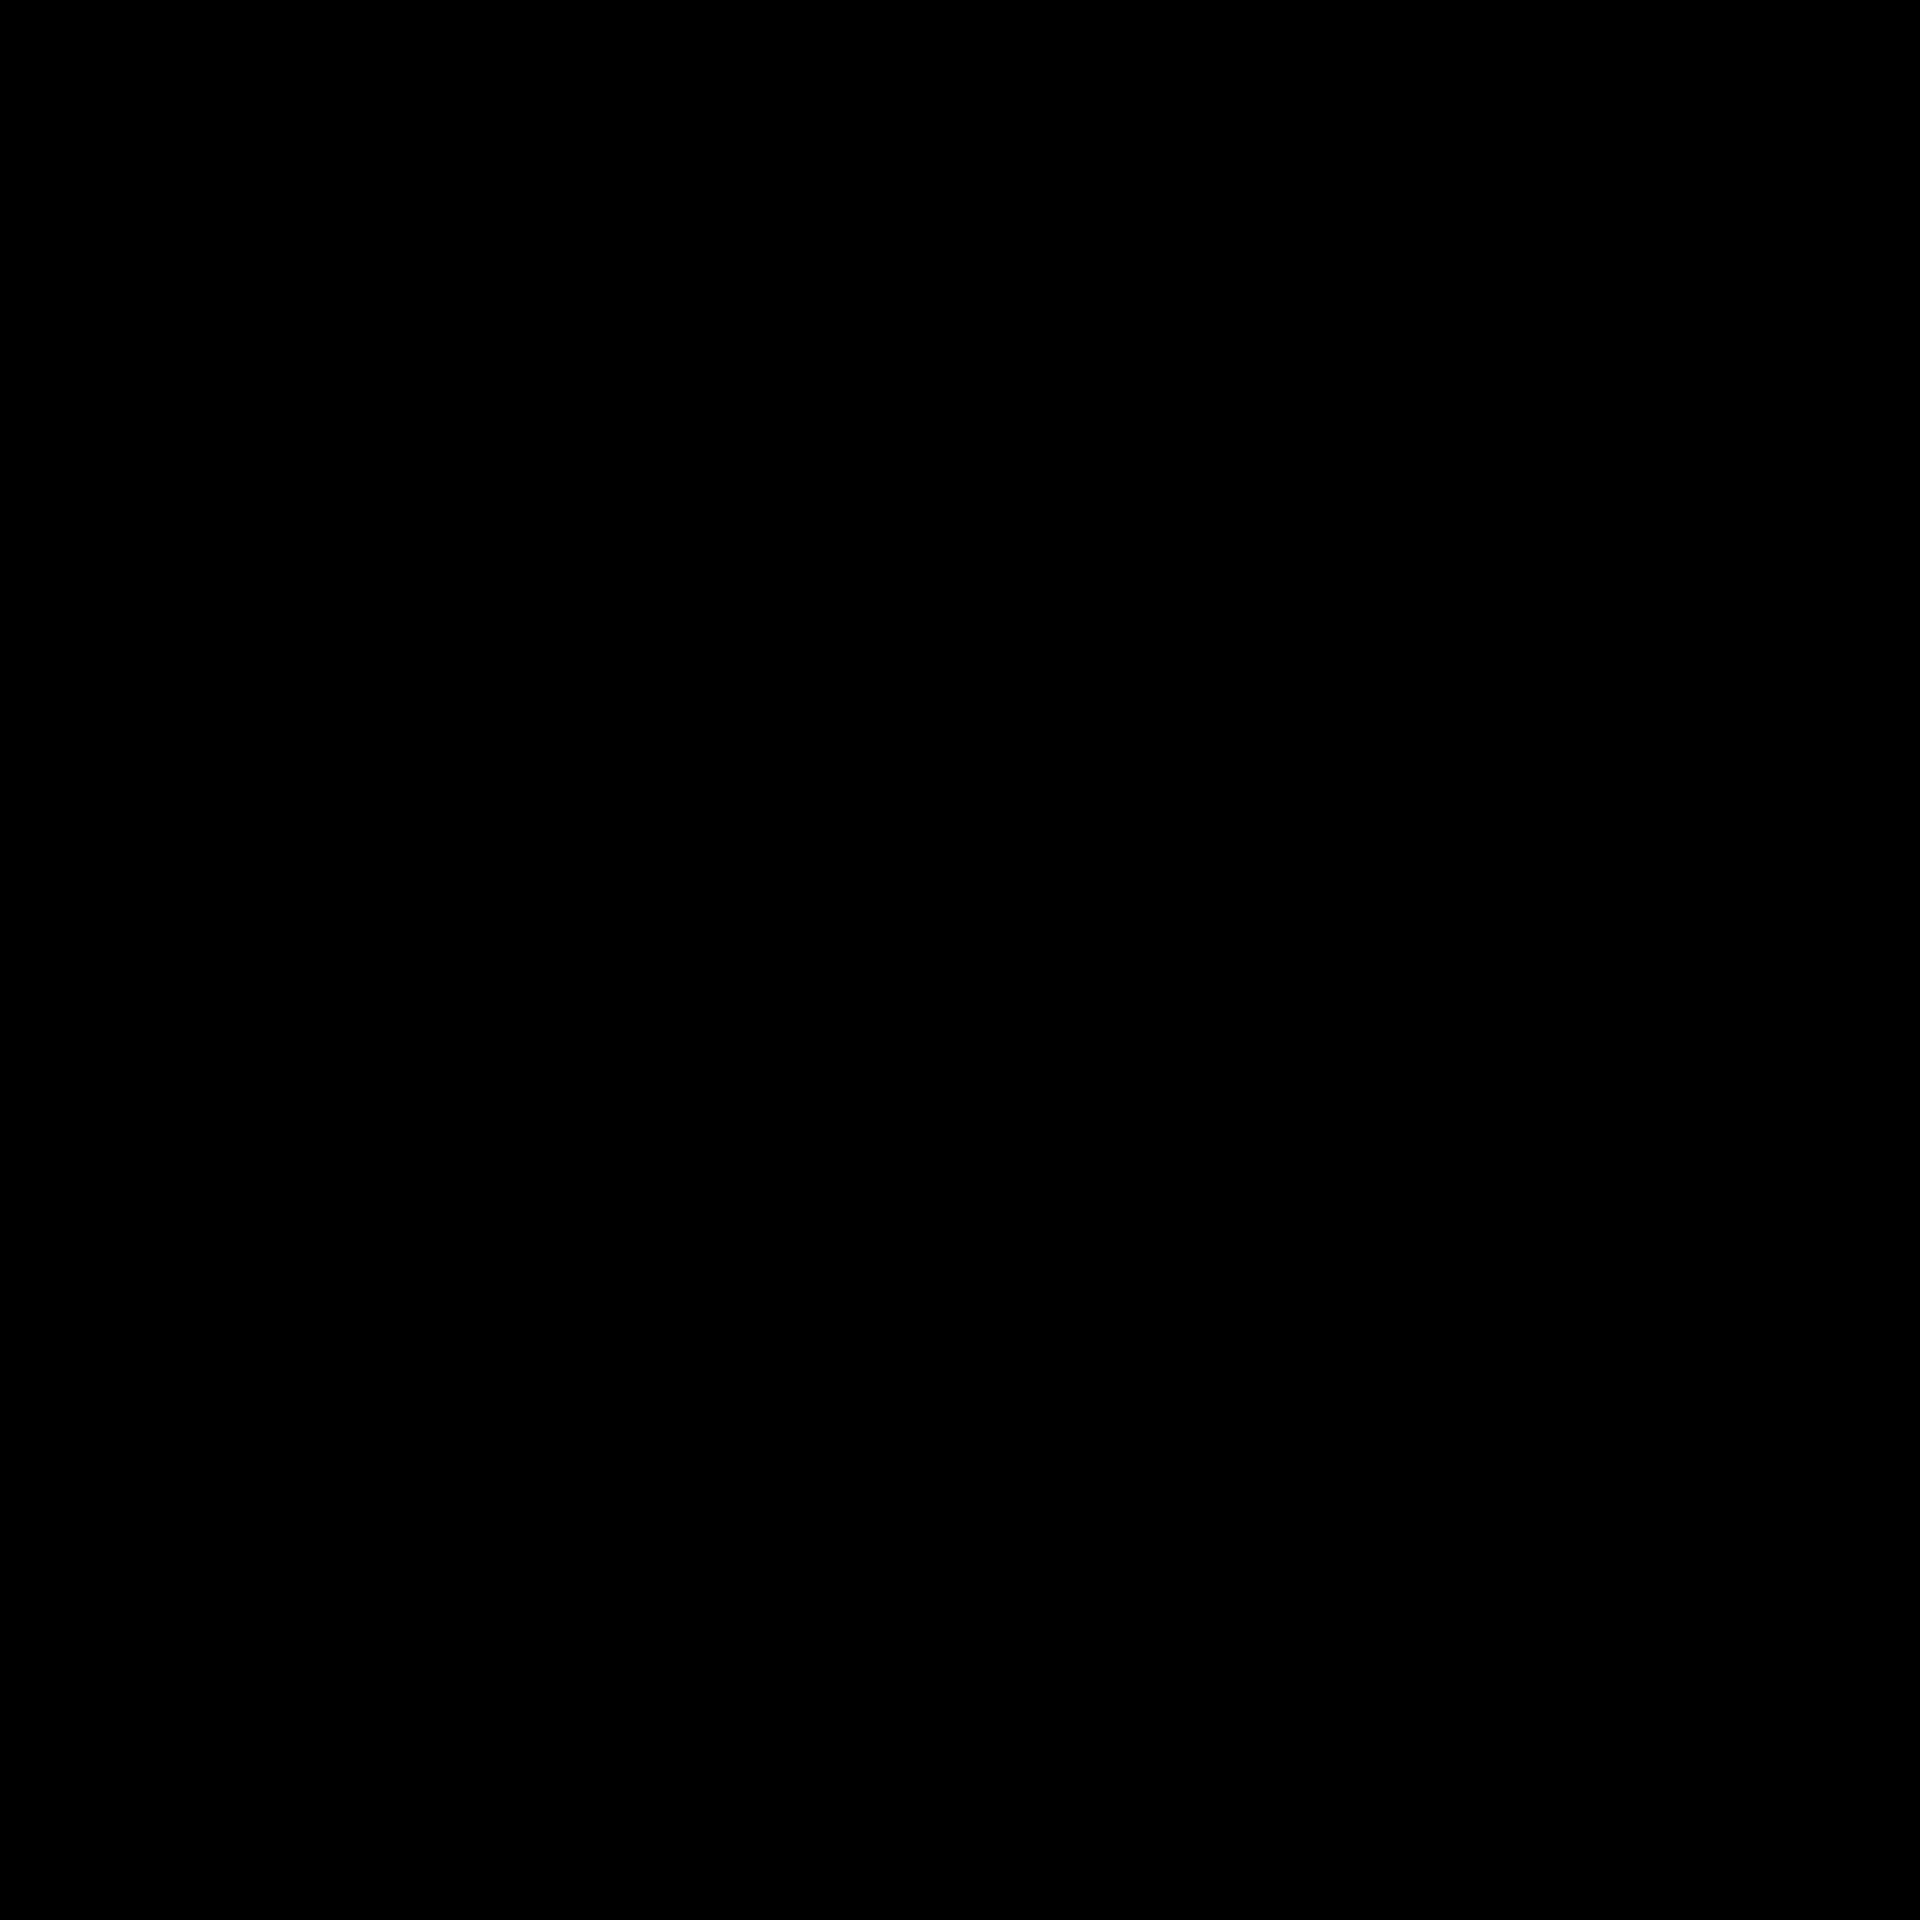 design interni monza